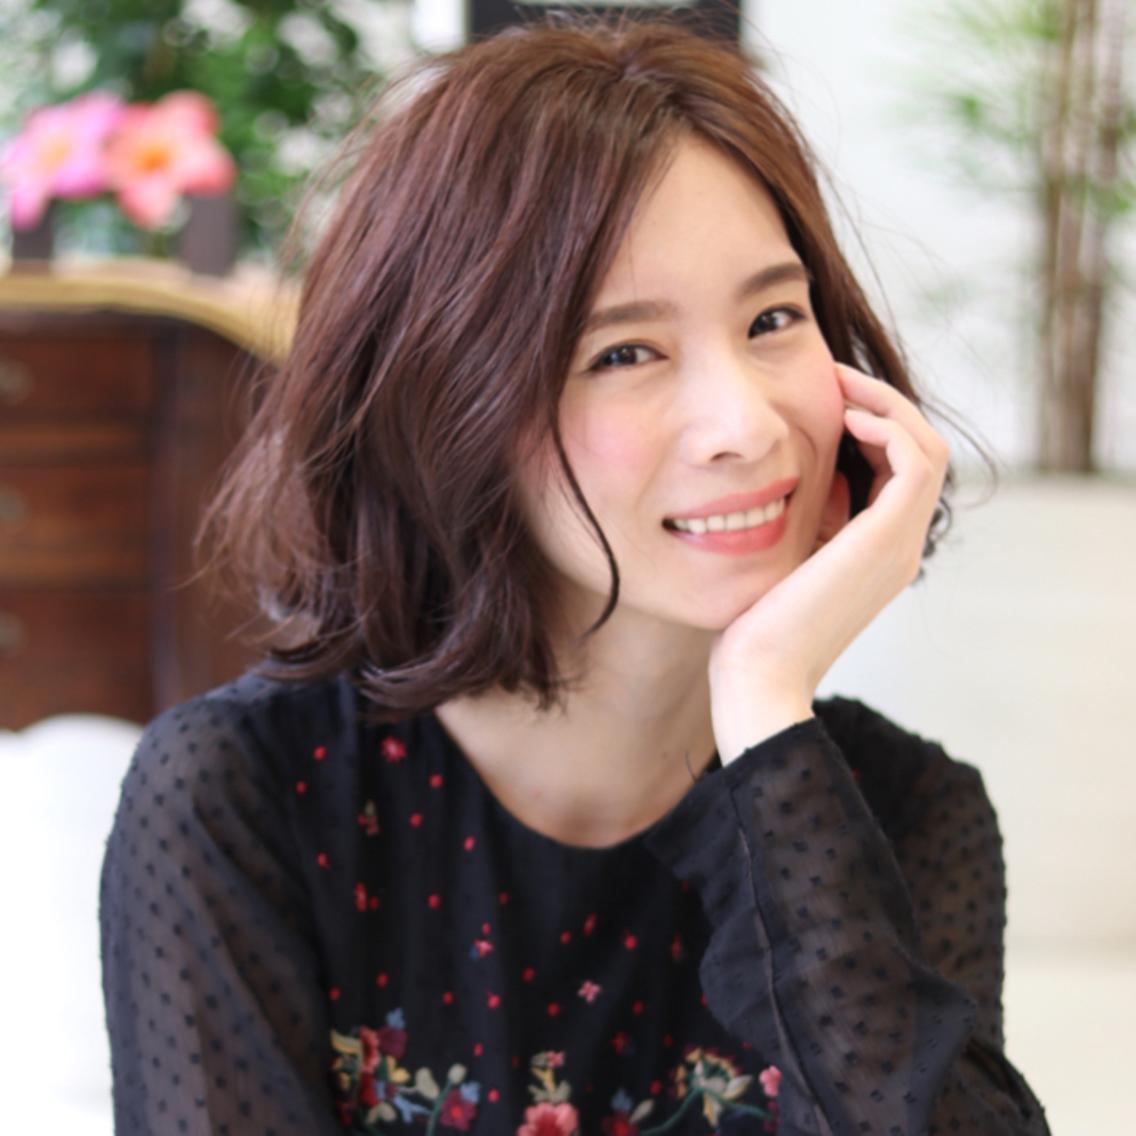 5月16日火曜日の撮影モデル募集中!!